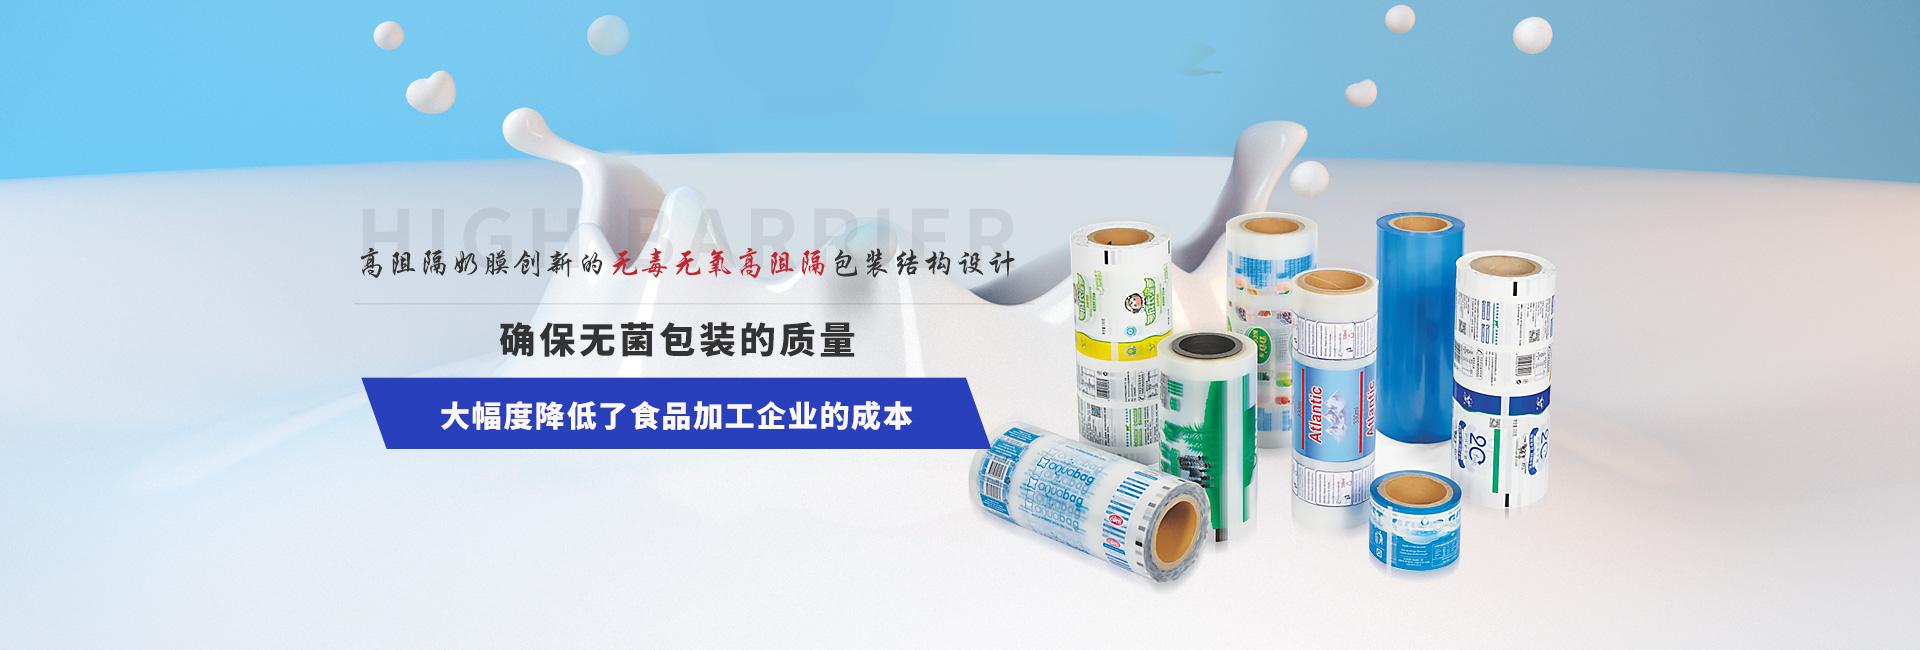 高阻隔奶膜 创新的无毒无氧高阻隔包装结构设计 确保无菌包装的质量